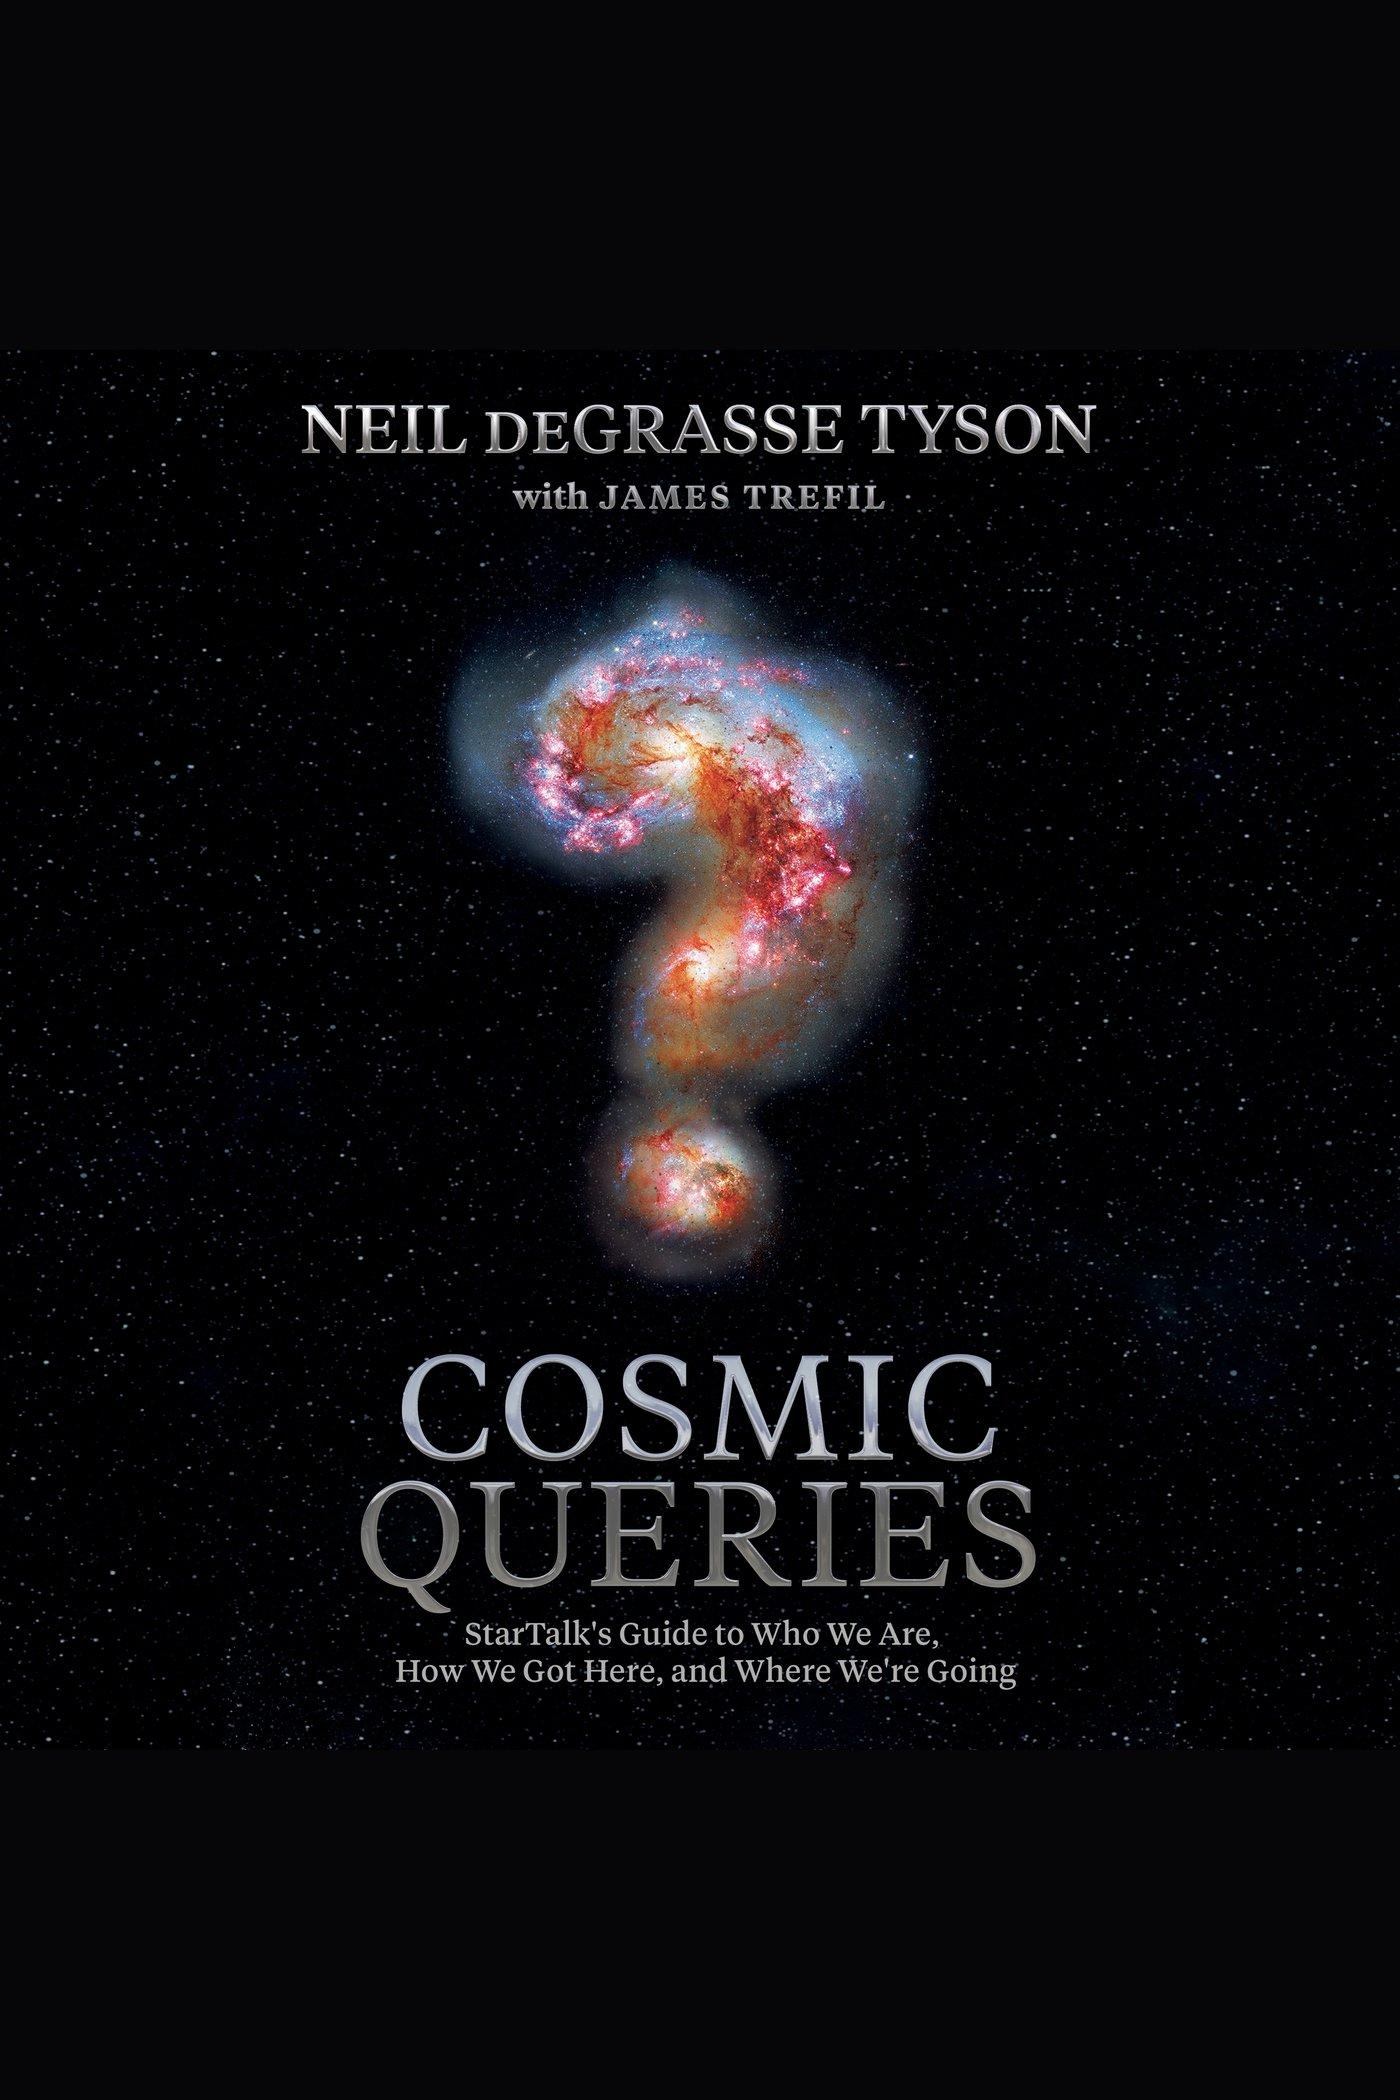 Cosmic Queries